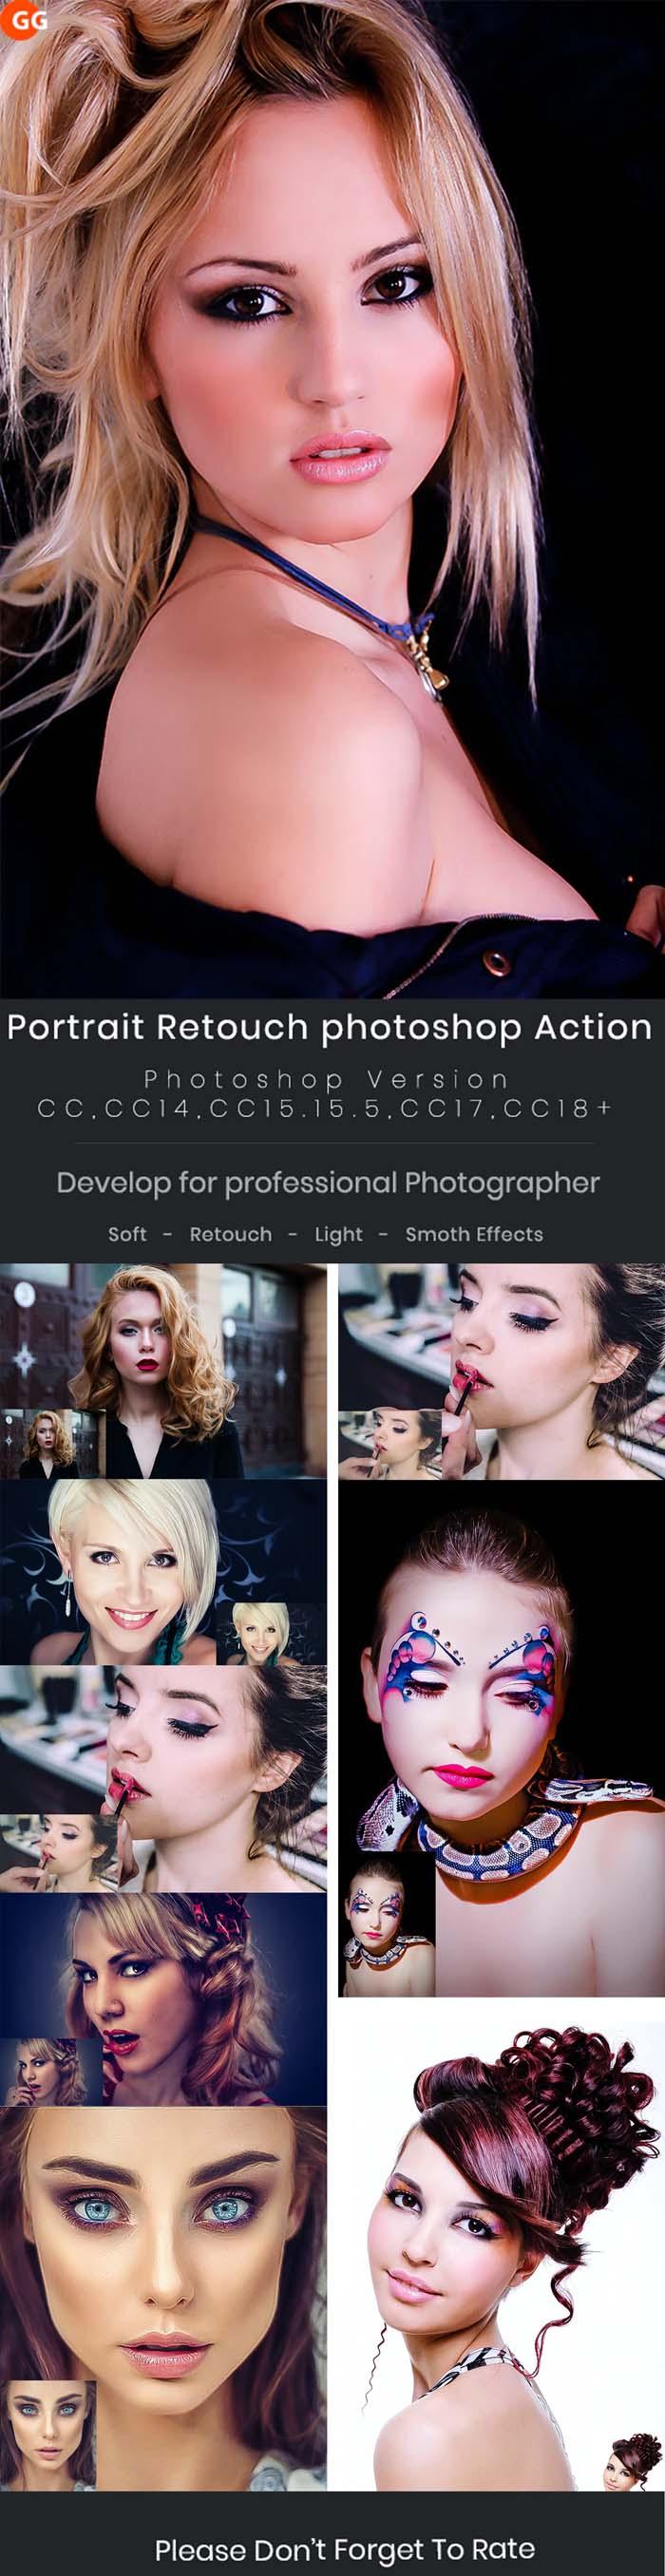 10 Portrait Retouch Photoshop Action